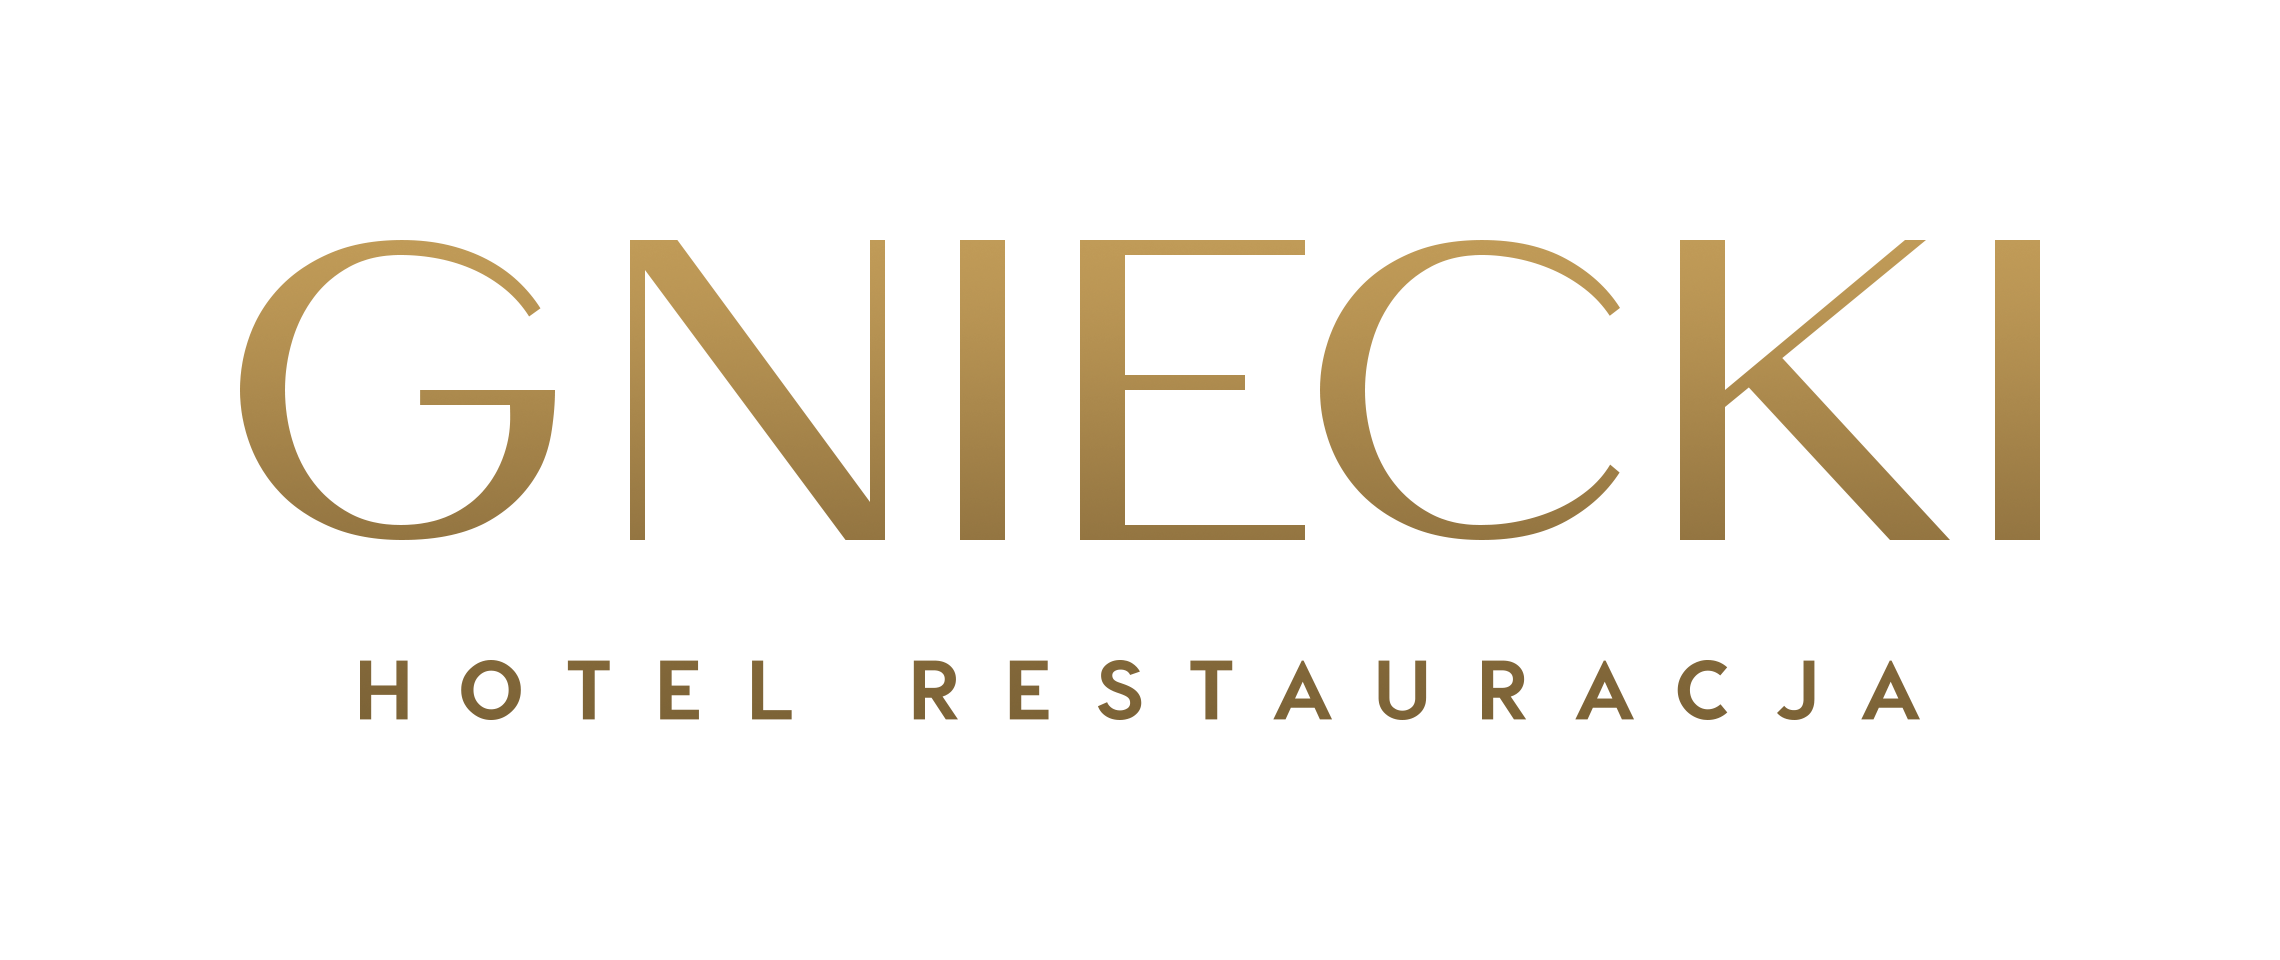 Gniecki Hotel i restauracja